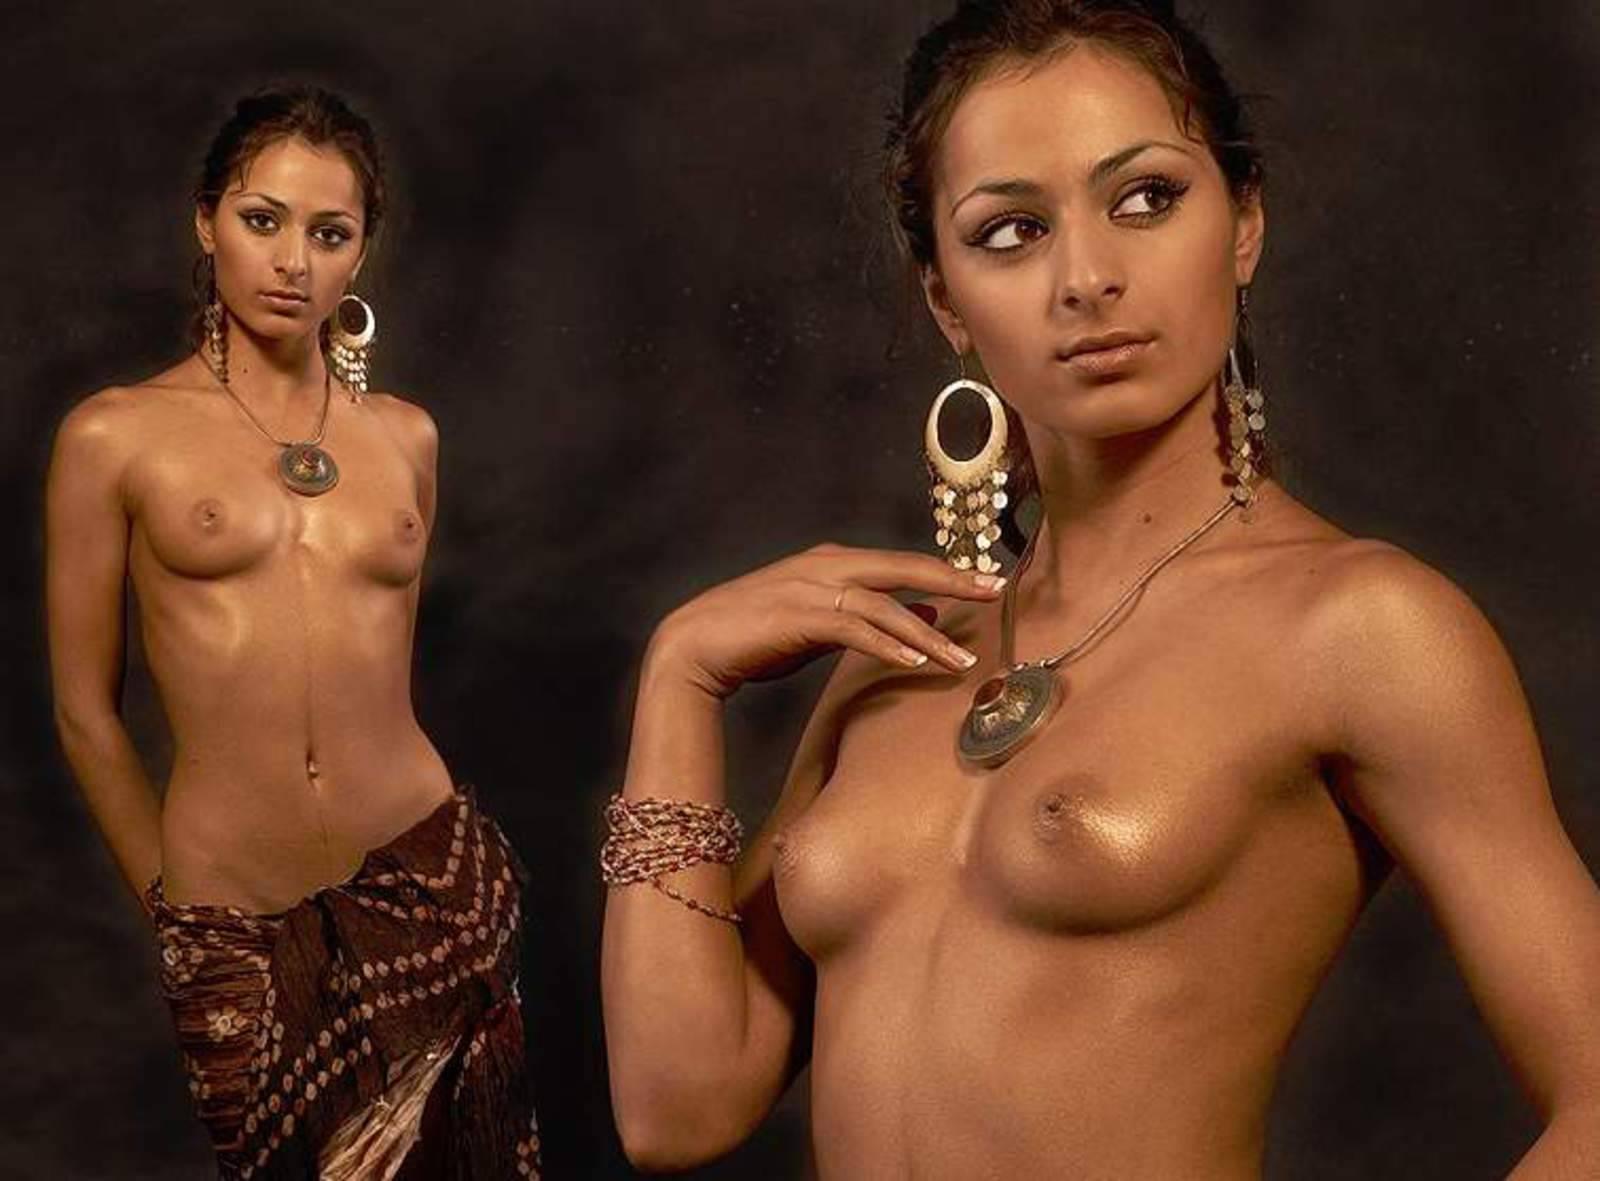 порно с индианкой смотреть онлайн